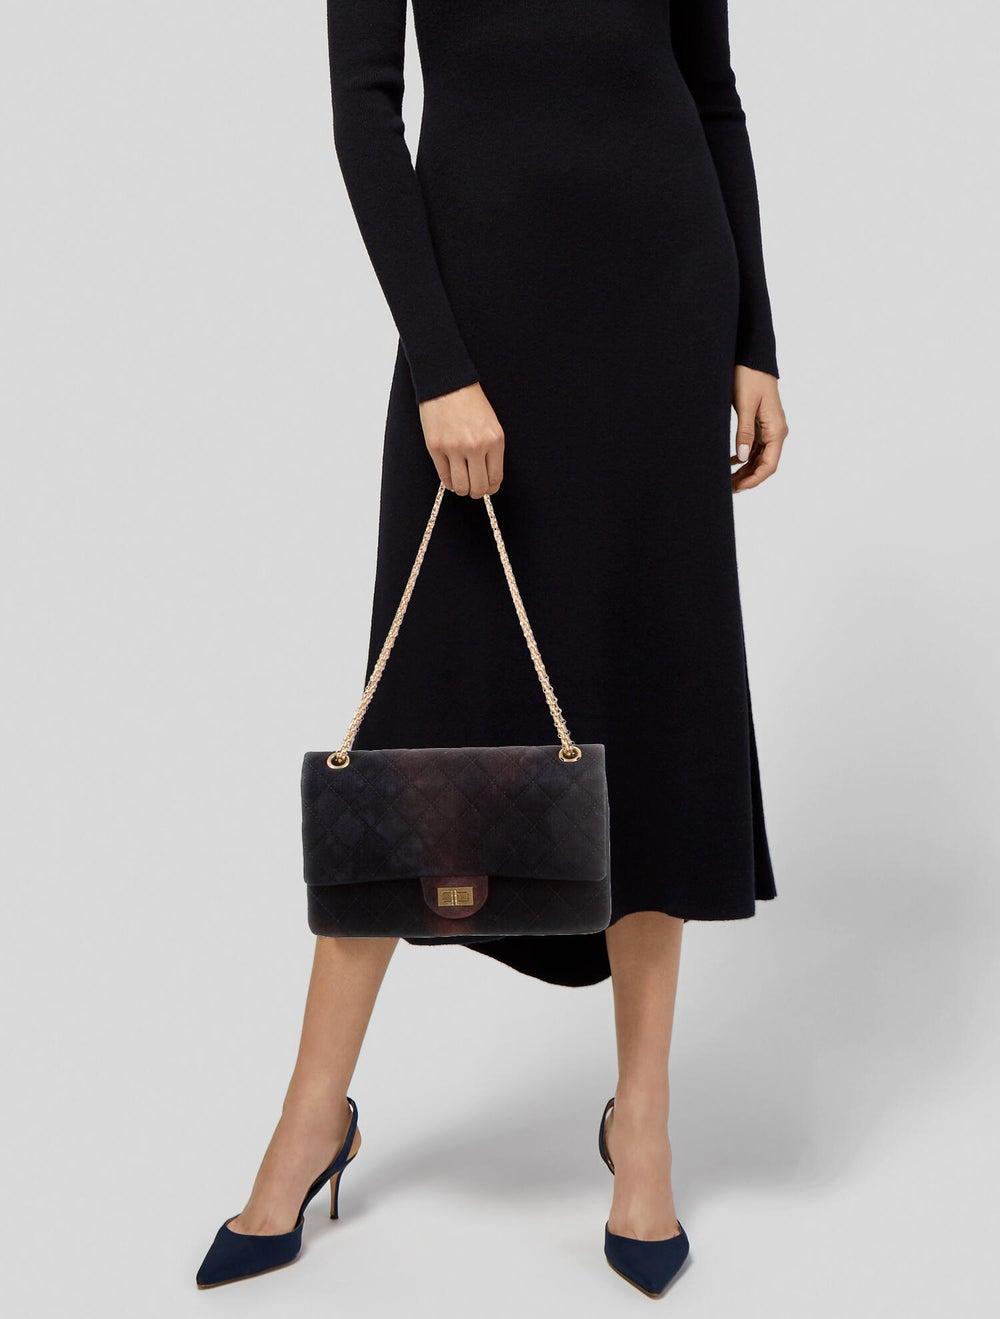 Chanel Velvet Reissue 226 Double Flap Bag Blue - image 2